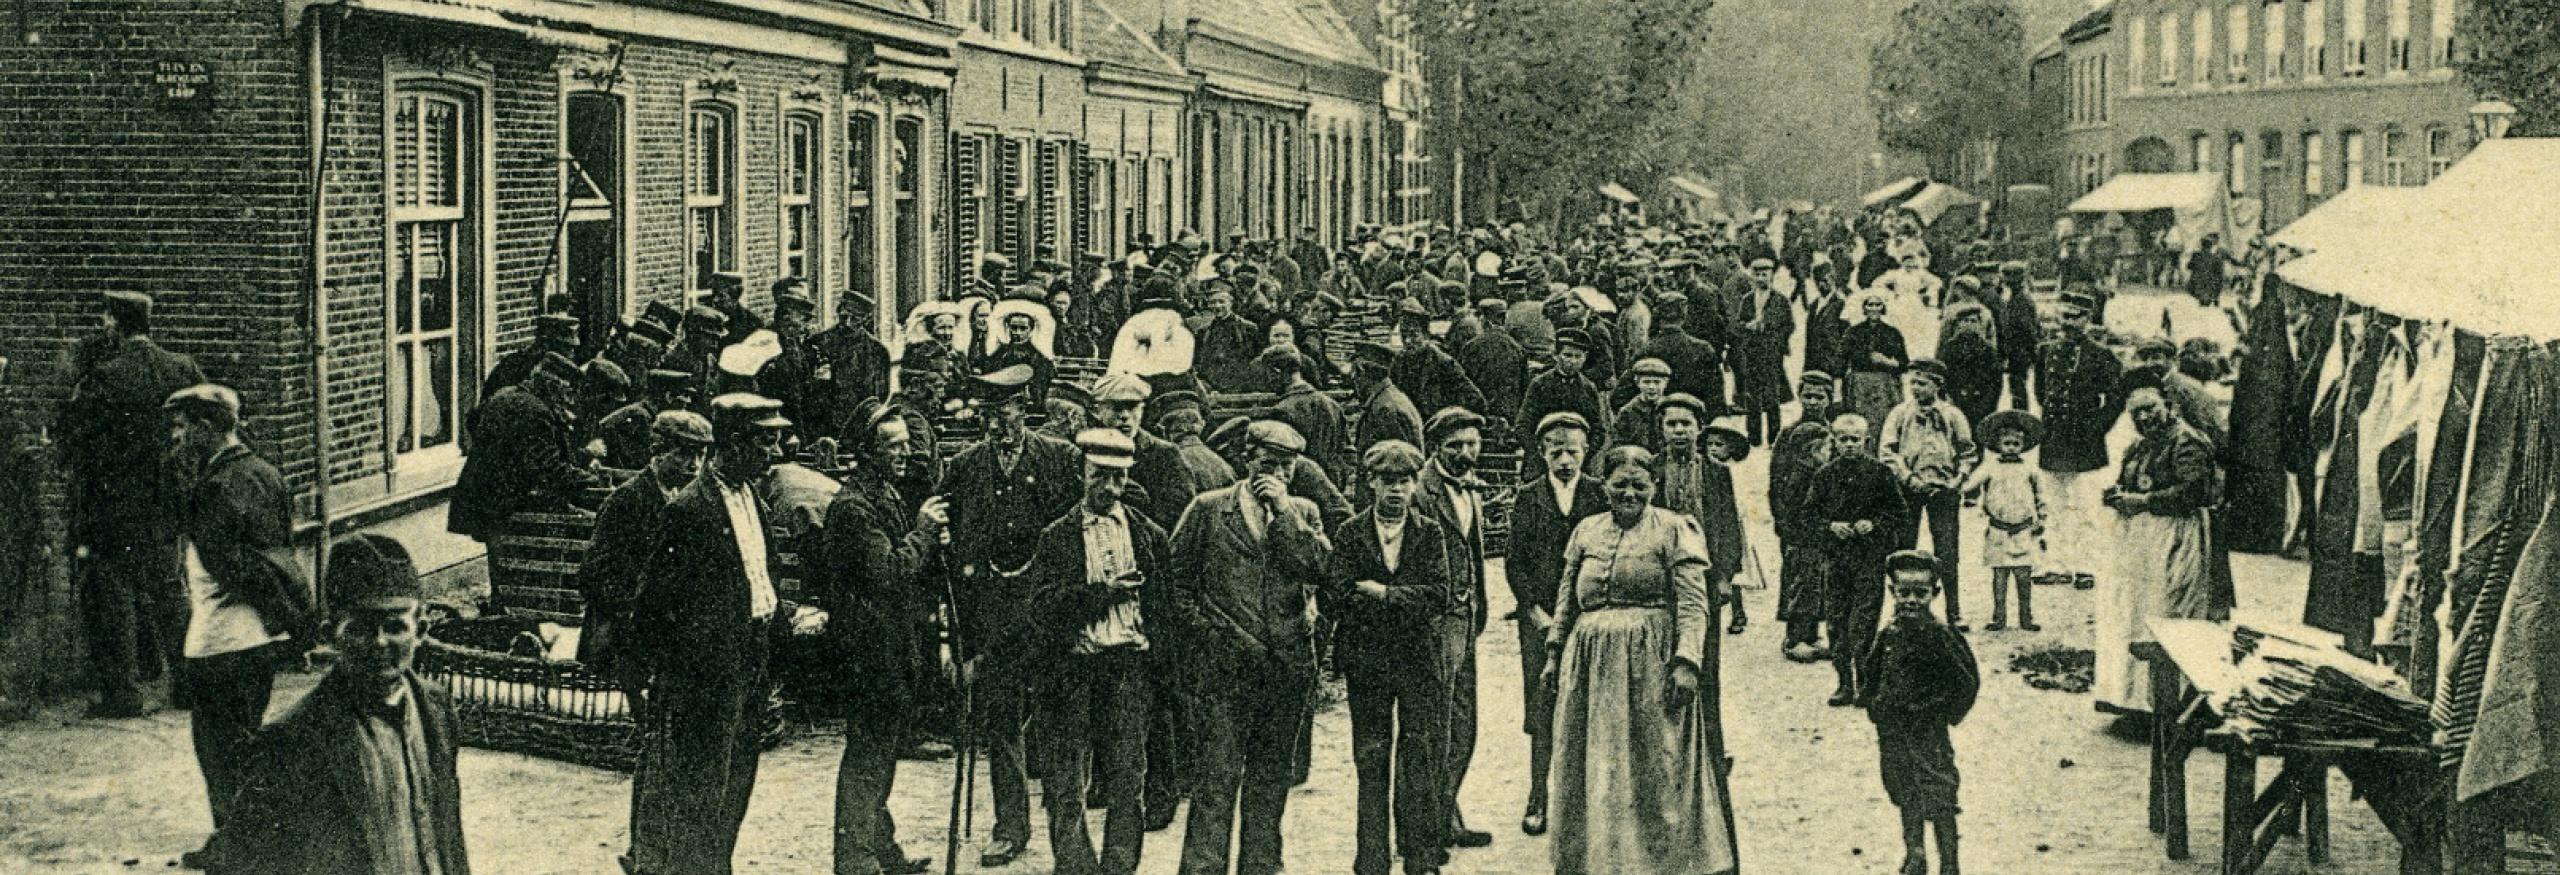 Biggenmarkt rond 1900